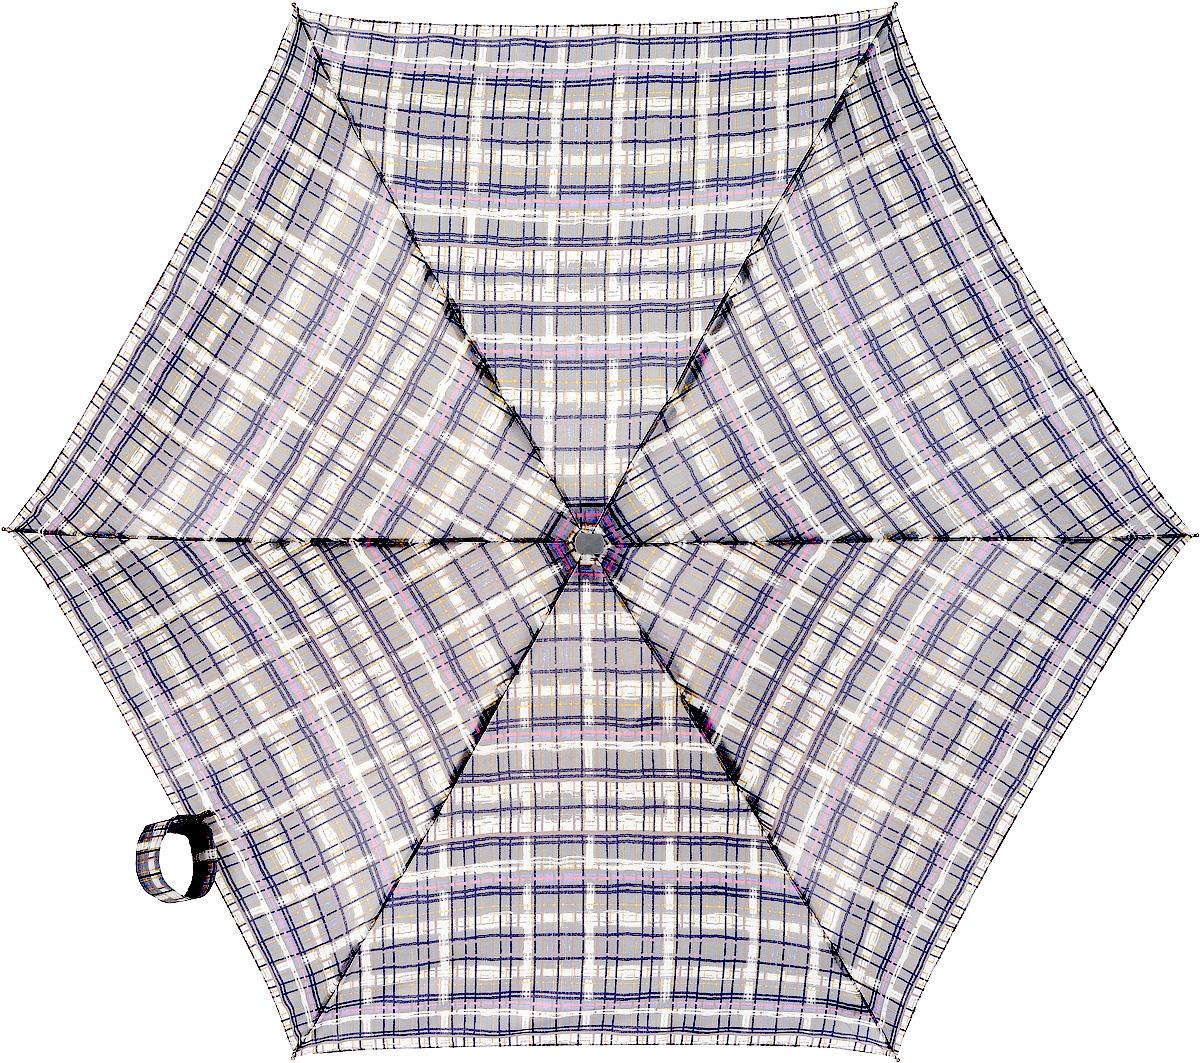 Зонт женский механика Fulton, расцветка: клетка. L501-2921 PicnicCheckL501-2921 PicnicCheckПрочный, необыкновенно компактный зонт, который с легкостью поместится в маленькую сумочку. Удобный плоский чехол. Облегченный алюминиевый каркас с элементами из фибергласса. Ветроустойчивая конструкция. Размеры зонта в сложенном виде 15смх6смх3см, диаметр купола 87 см.